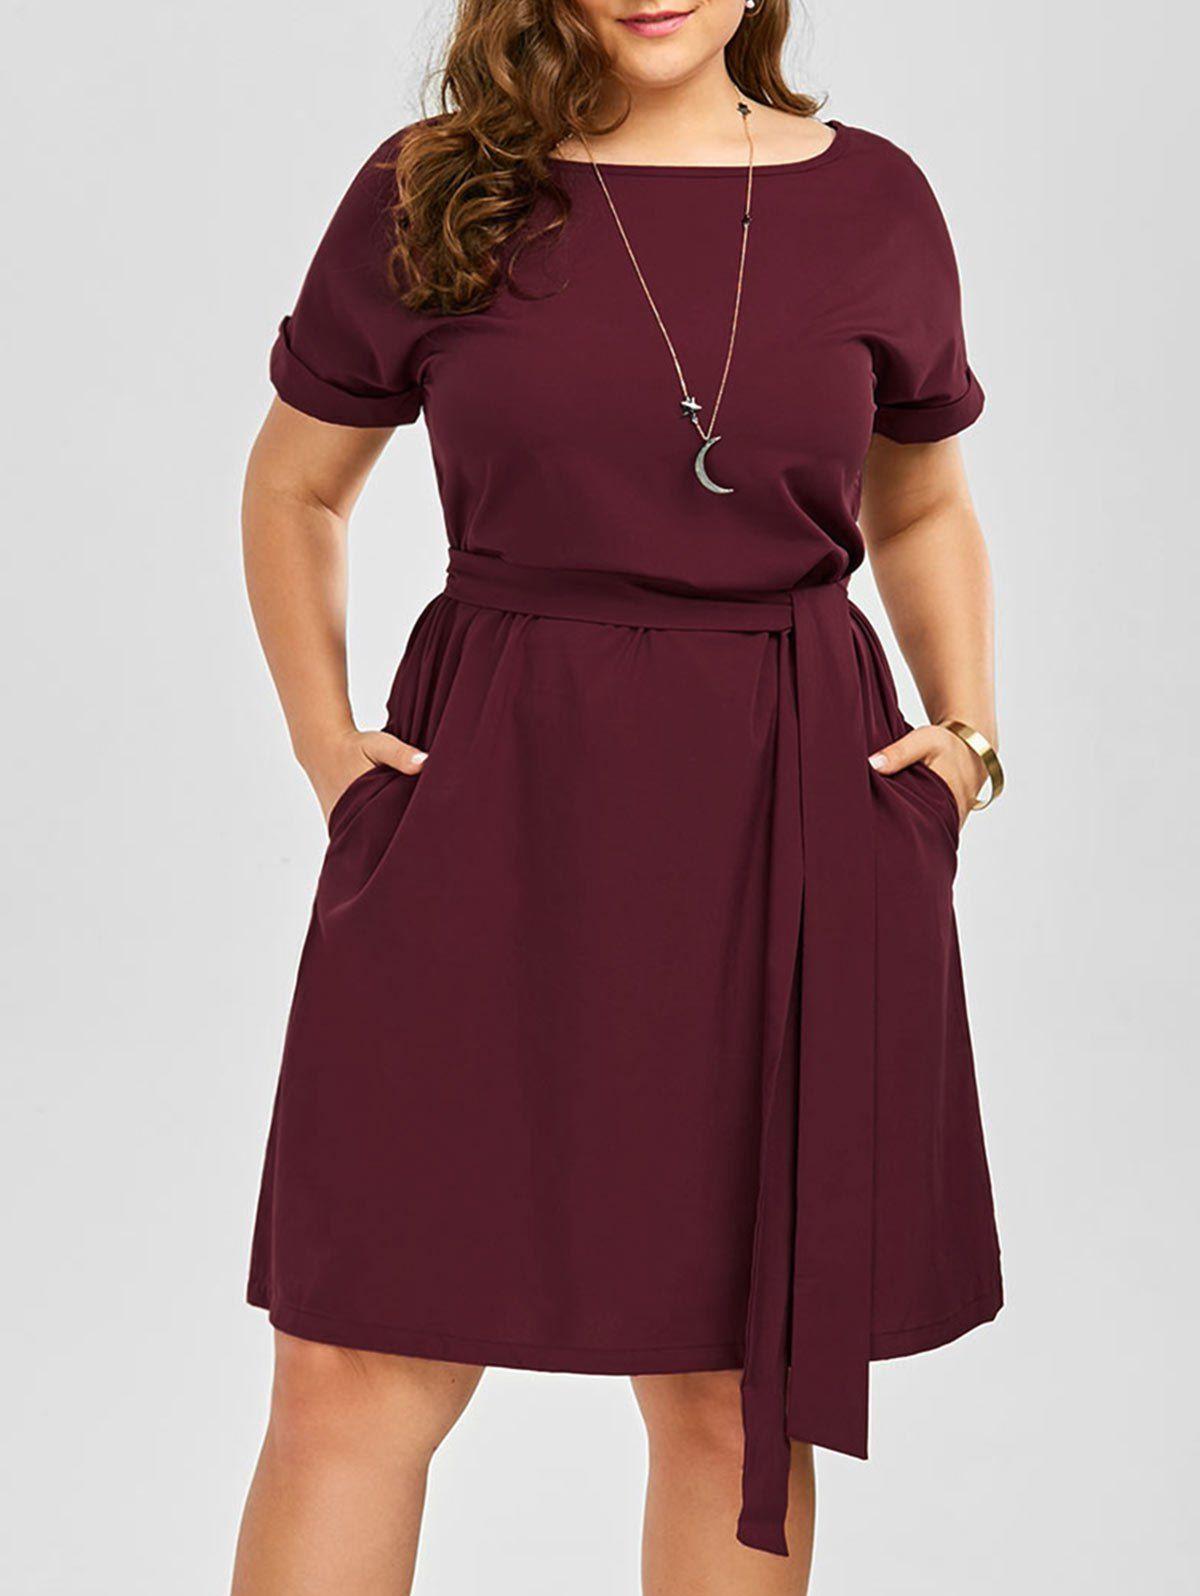 Rainbow Clothing Store Dresses Plus Size | Plus Size Clothing